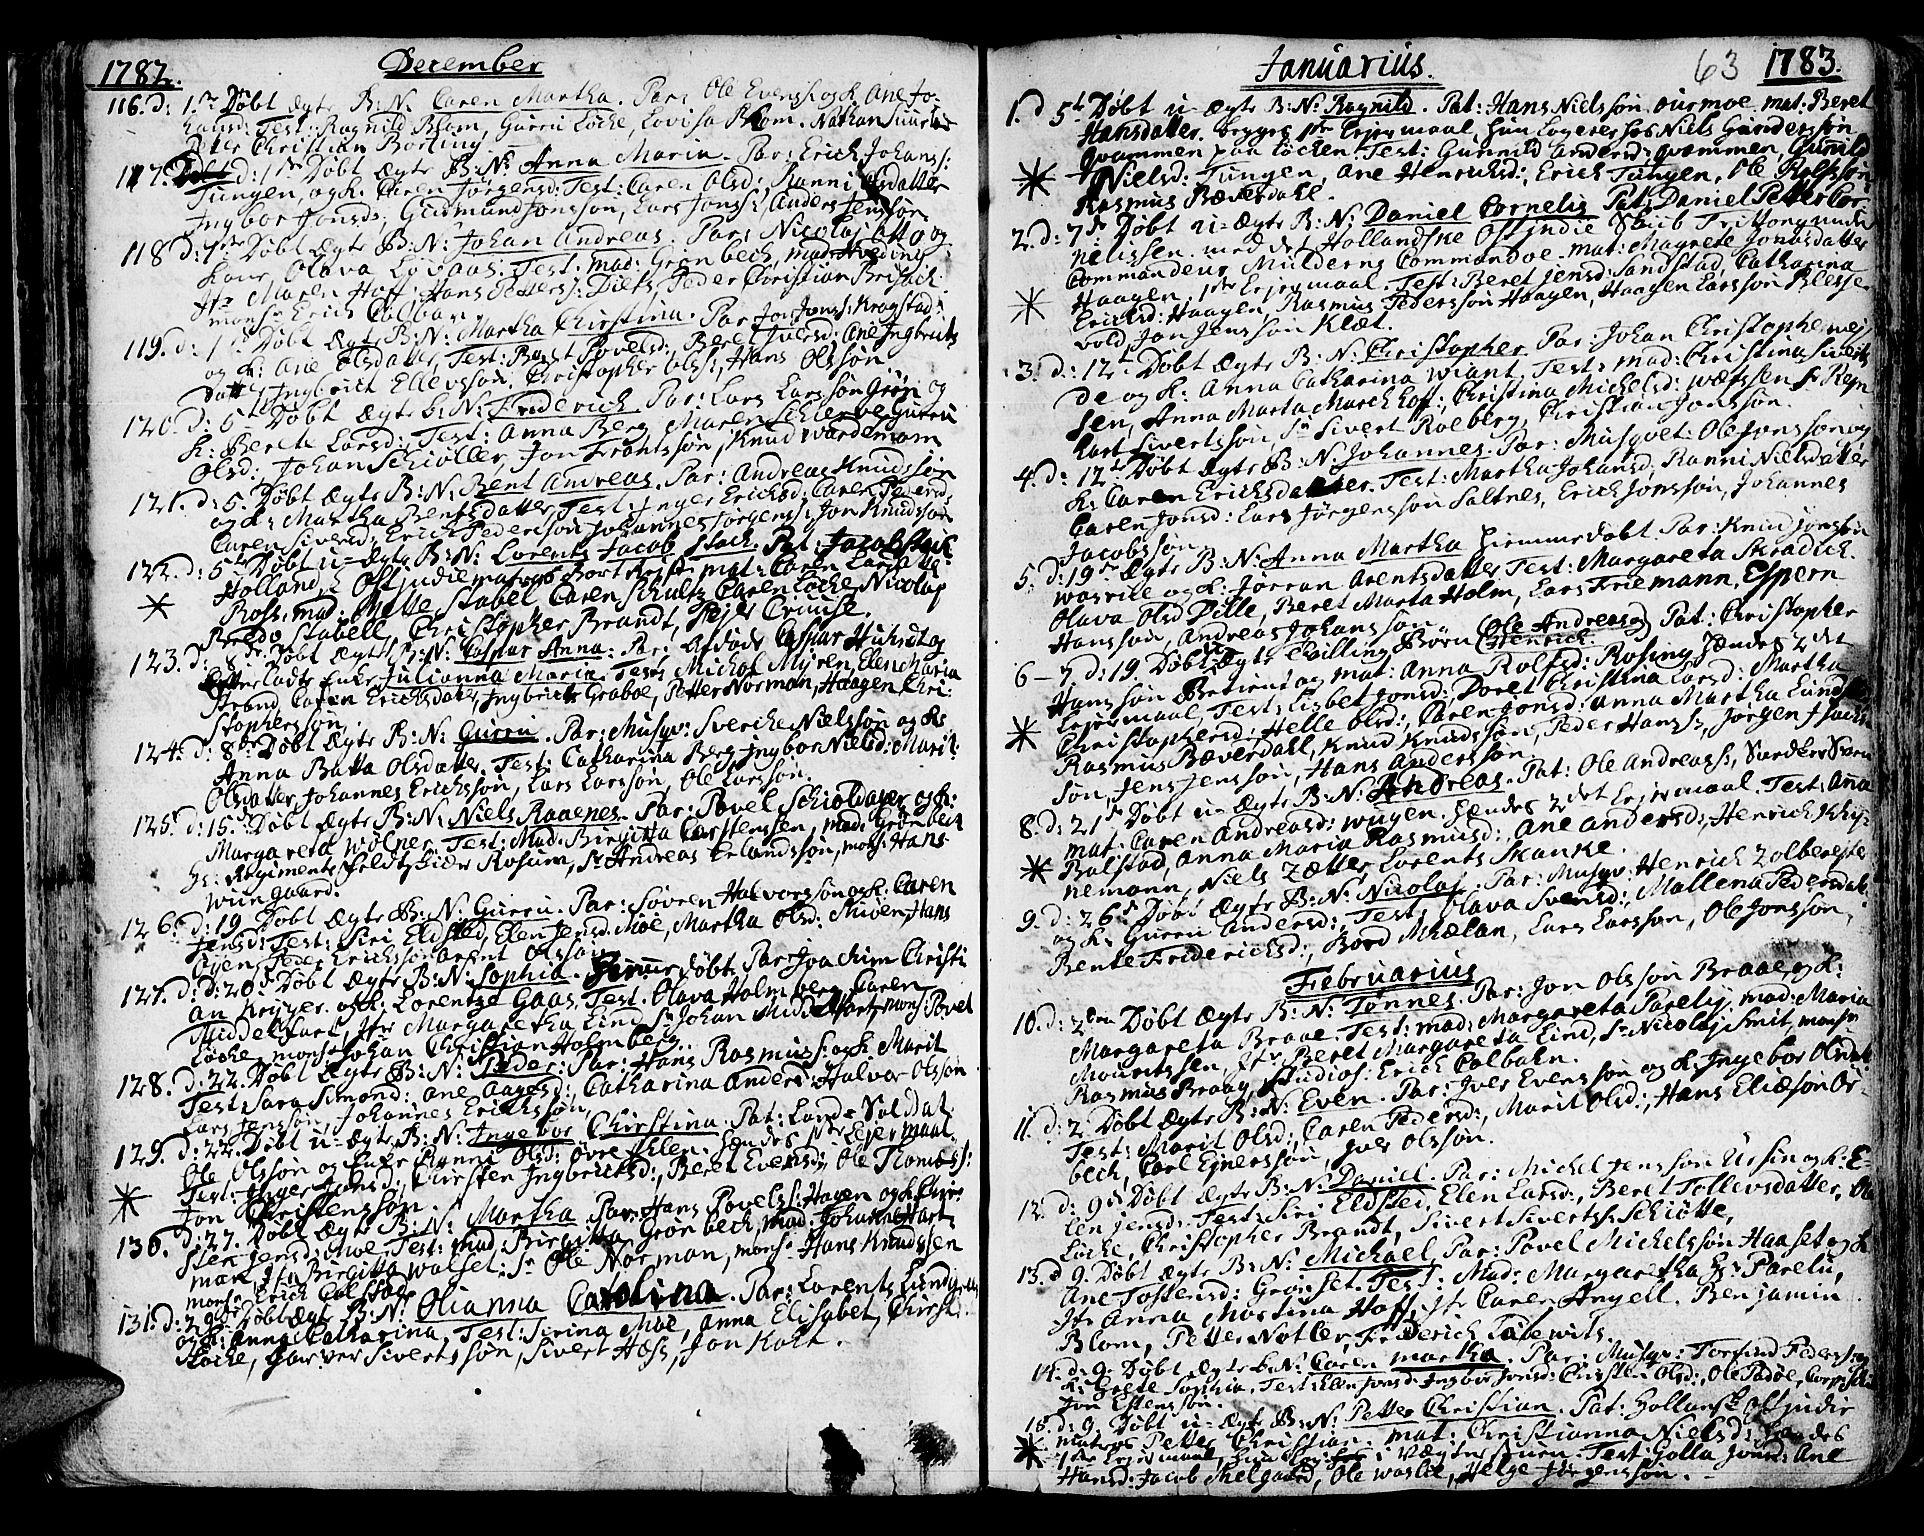 SAT, Ministerialprotokoller, klokkerbøker og fødselsregistre - Sør-Trøndelag, 601/L0039: Ministerialbok nr. 601A07, 1770-1819, s. 63